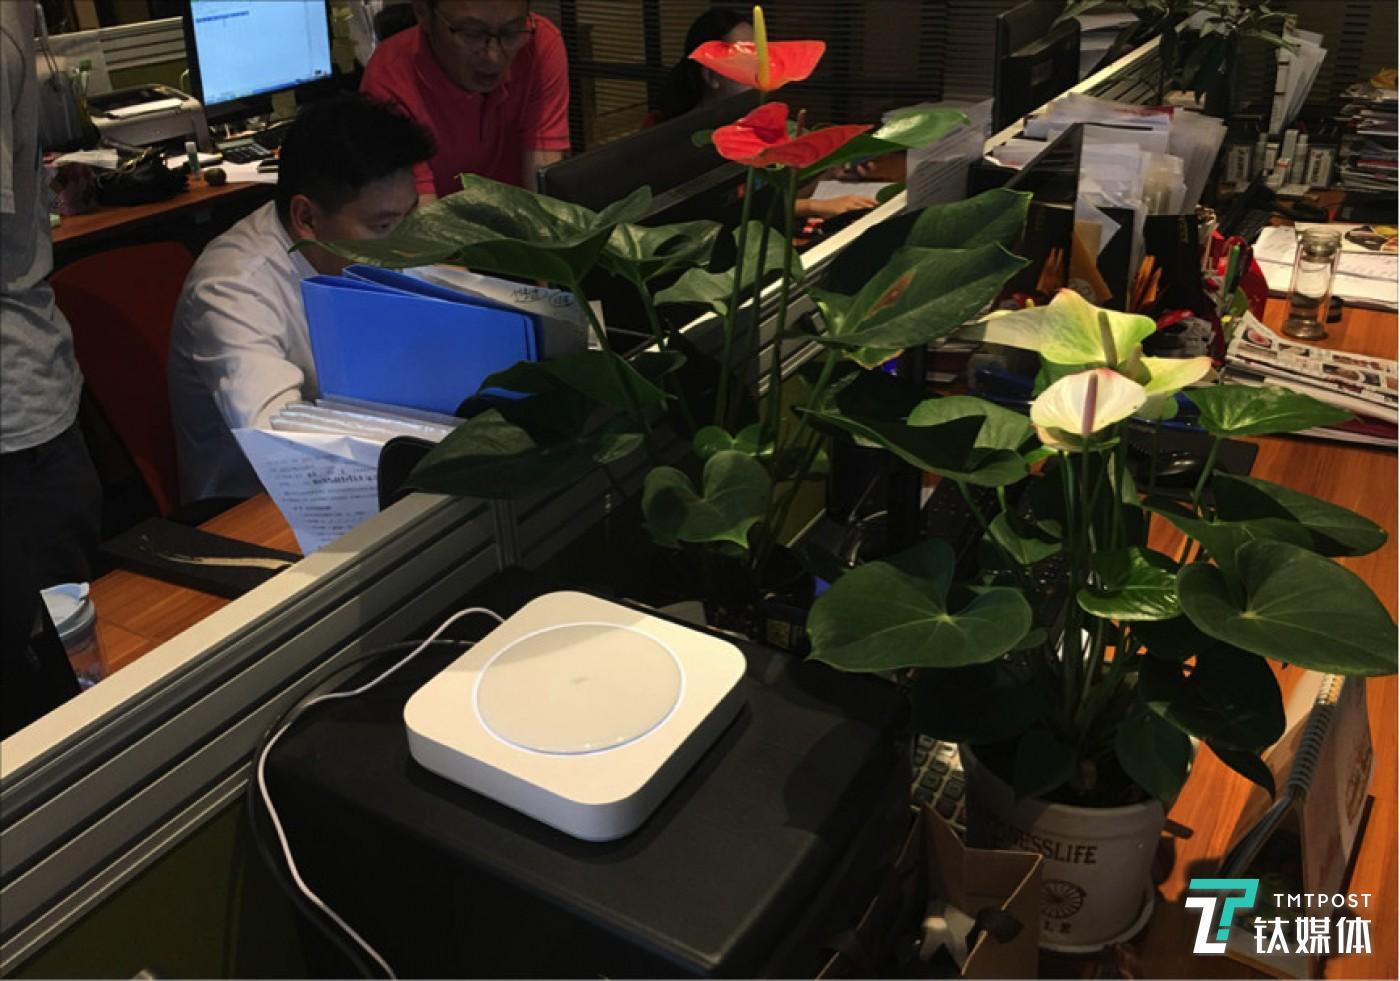 川味观使用钉钉C1进行企业网络管理